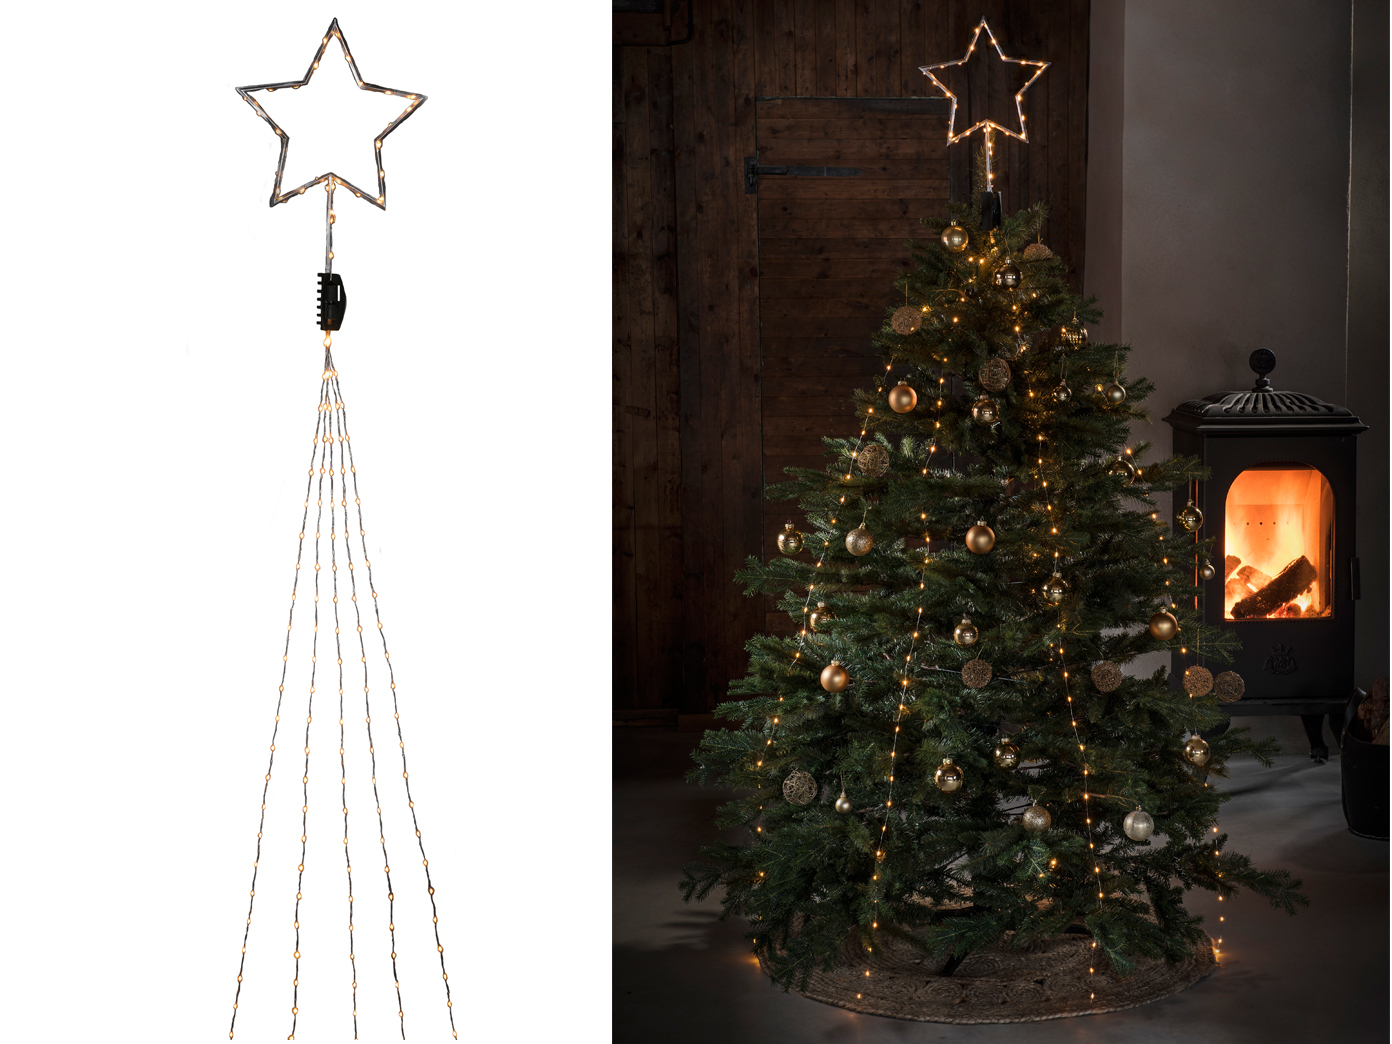 Weihnachtsbeleuchtung Tannenbaum Innen.Lichterkette Mit Top Stern Für Innen 247 Bernsteinfarbene Led S Weihnachtsbaum